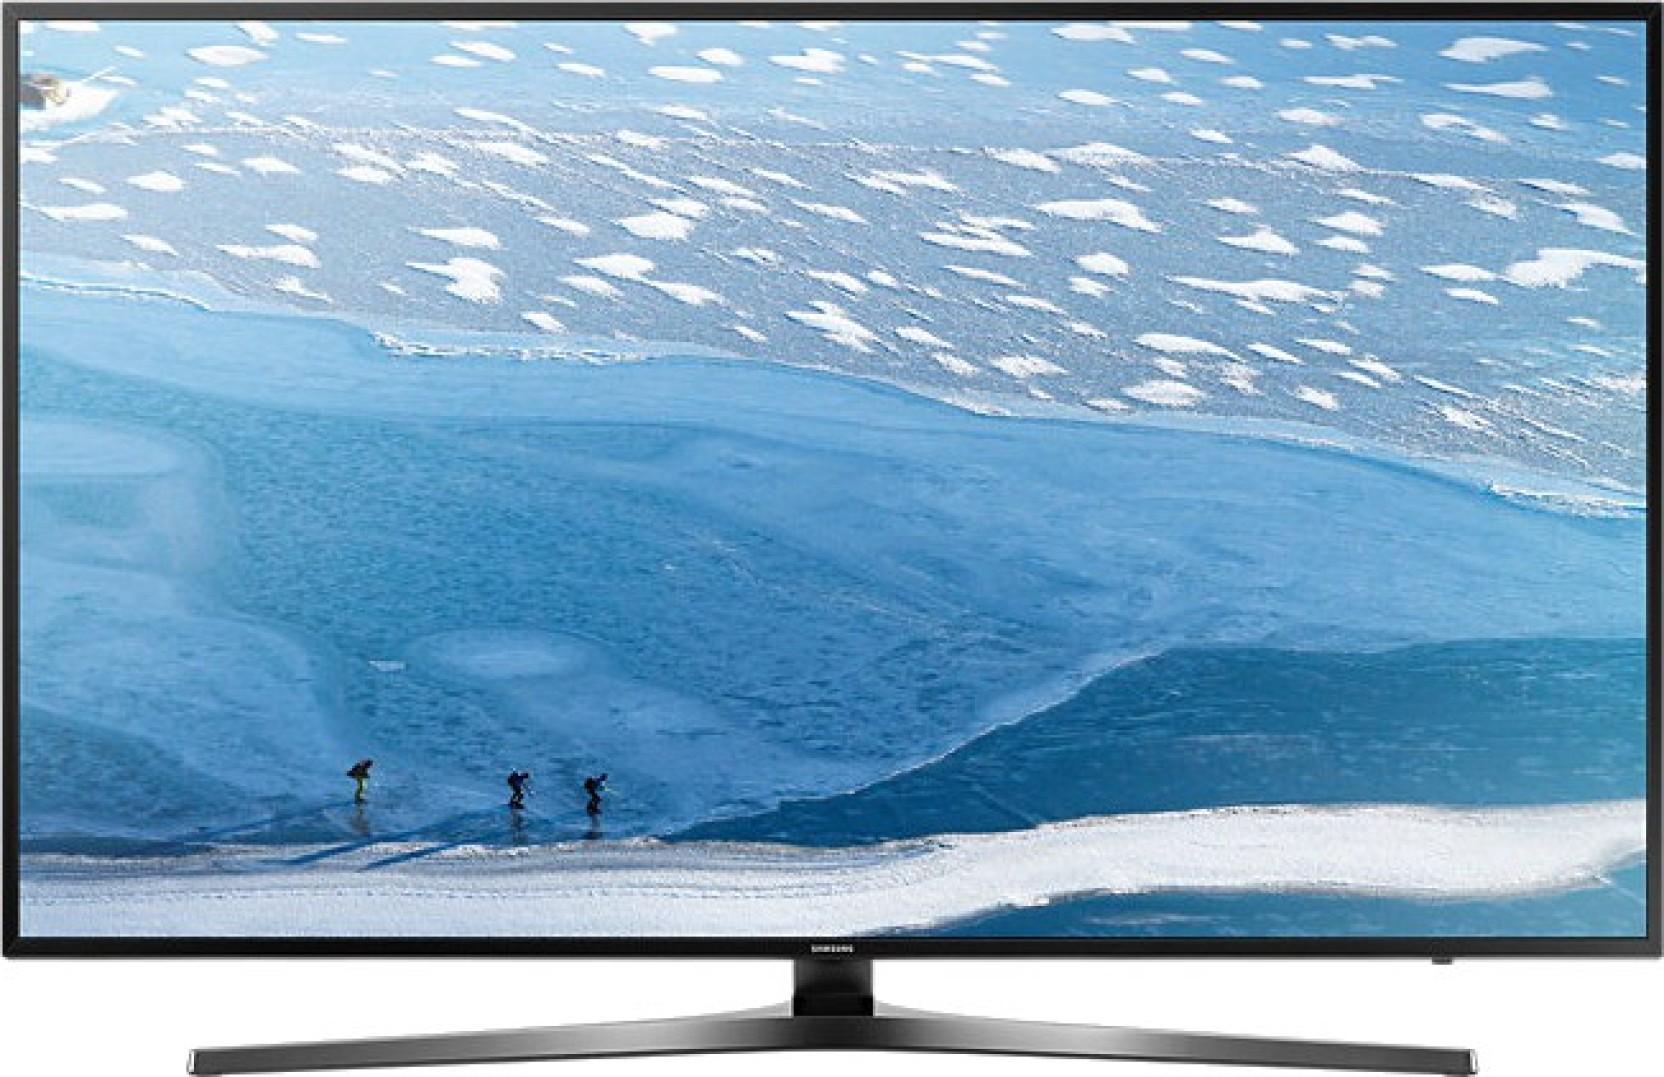 Samsung 108cm (43 inch) Ultra HD (4K) LED Smart TV Online at best ...